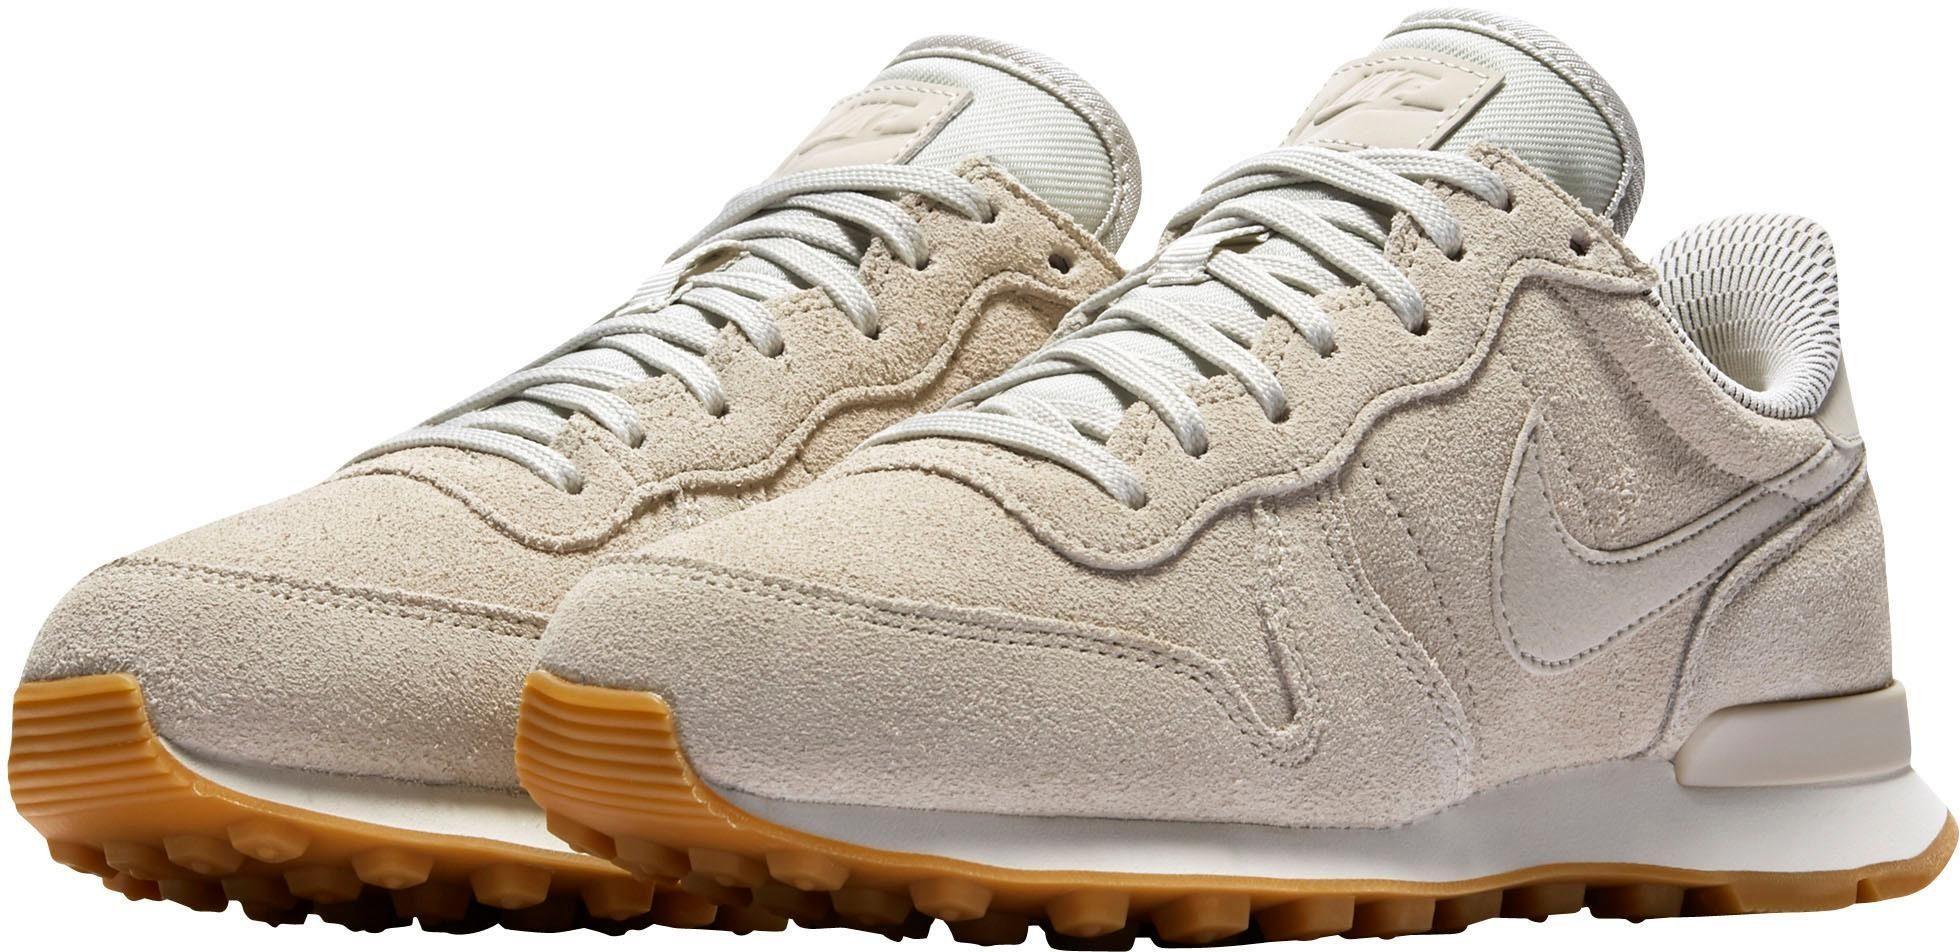 NIKE Sportswear für Damen und Herren | Nike Internationalist